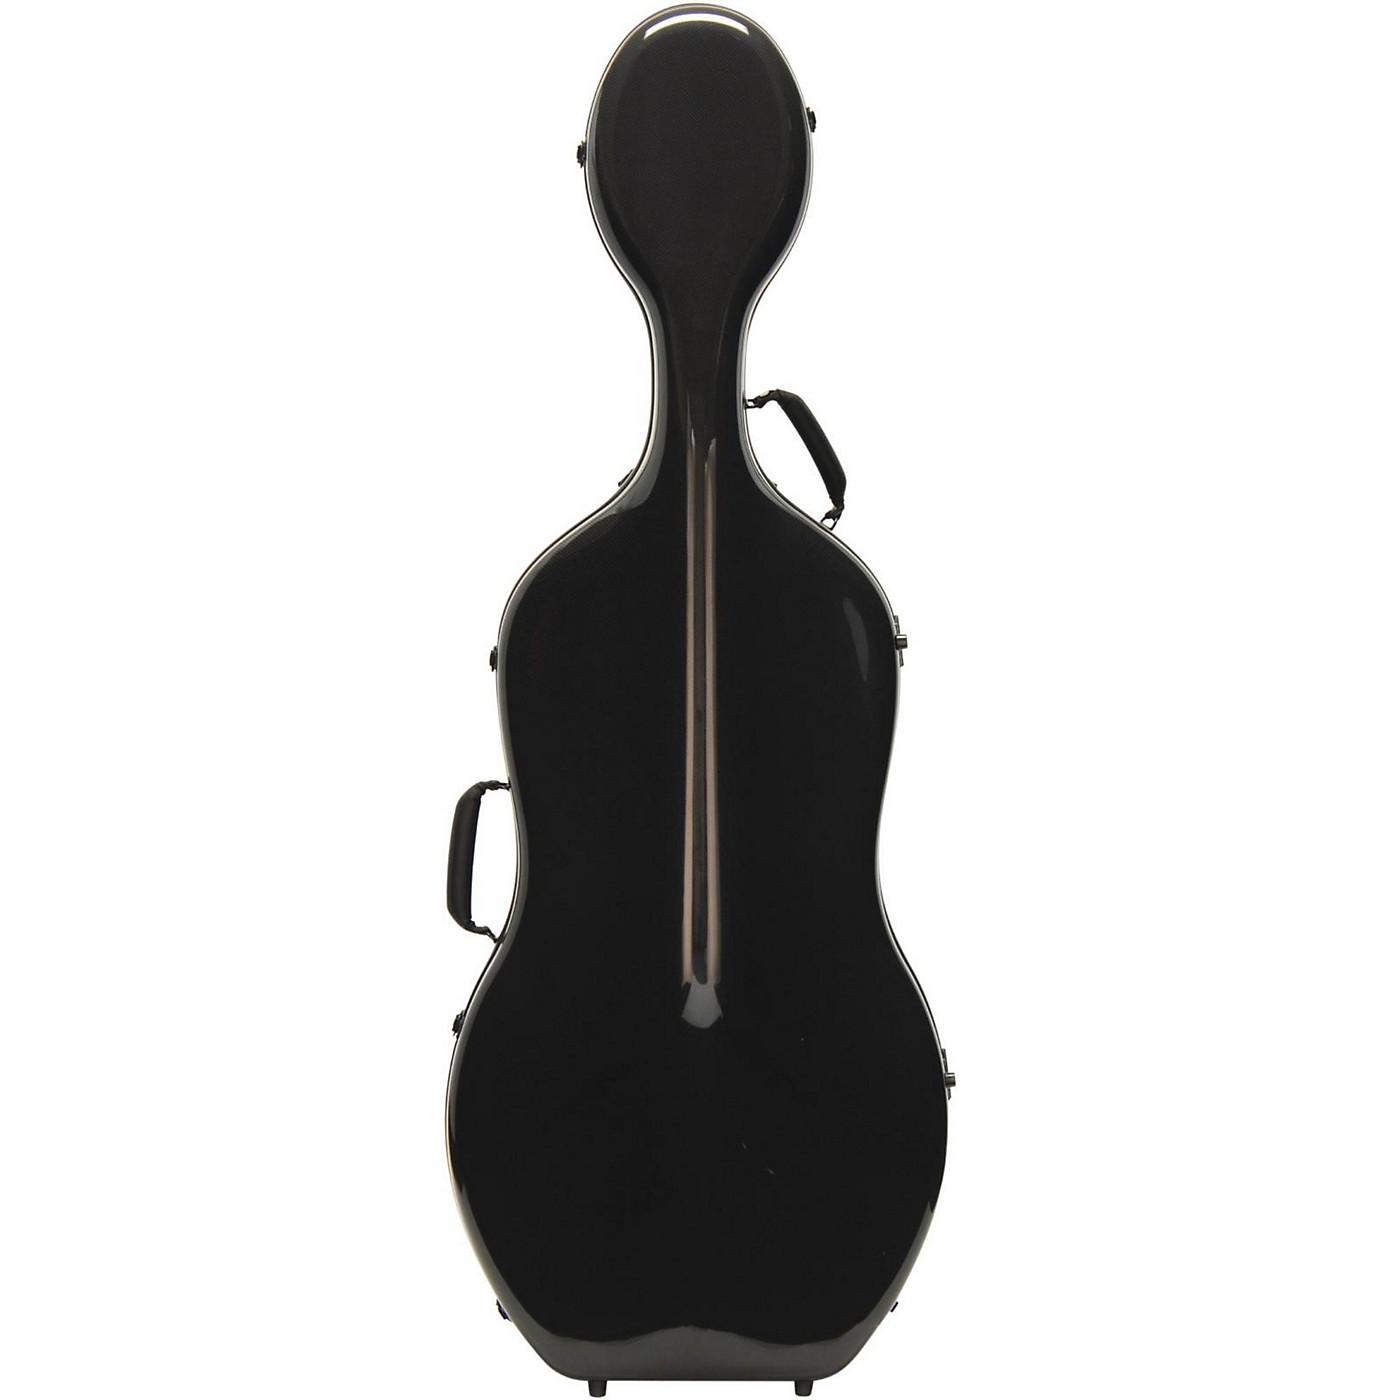 Otto Musica Mirage Series Carbon Hybrid Cello Case thumbnail